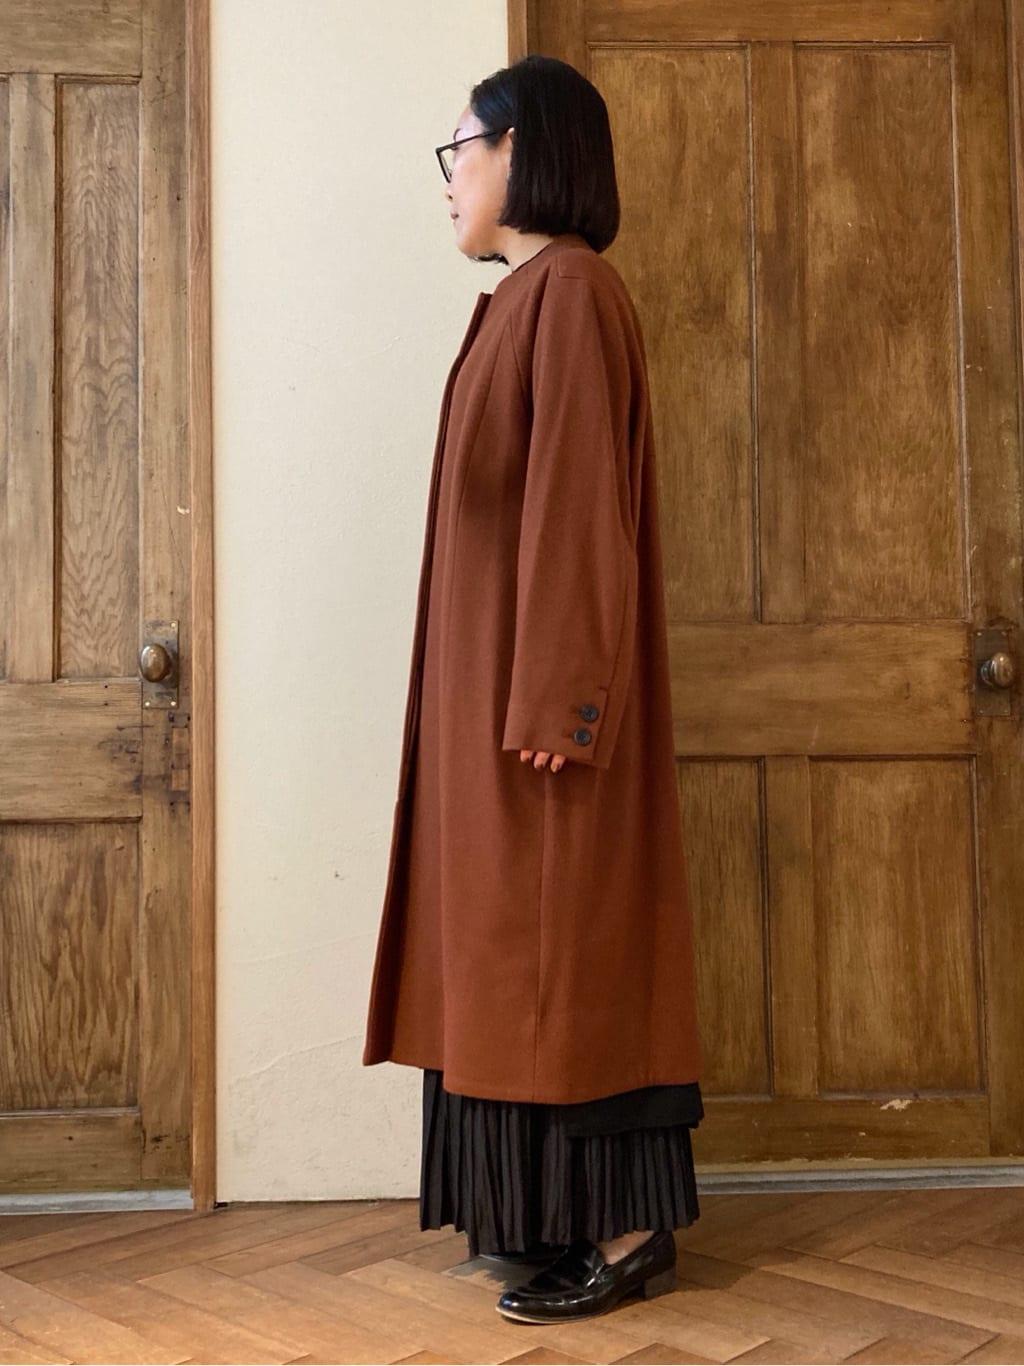 yuni 京都路面 身長:152cm 2021.09.16